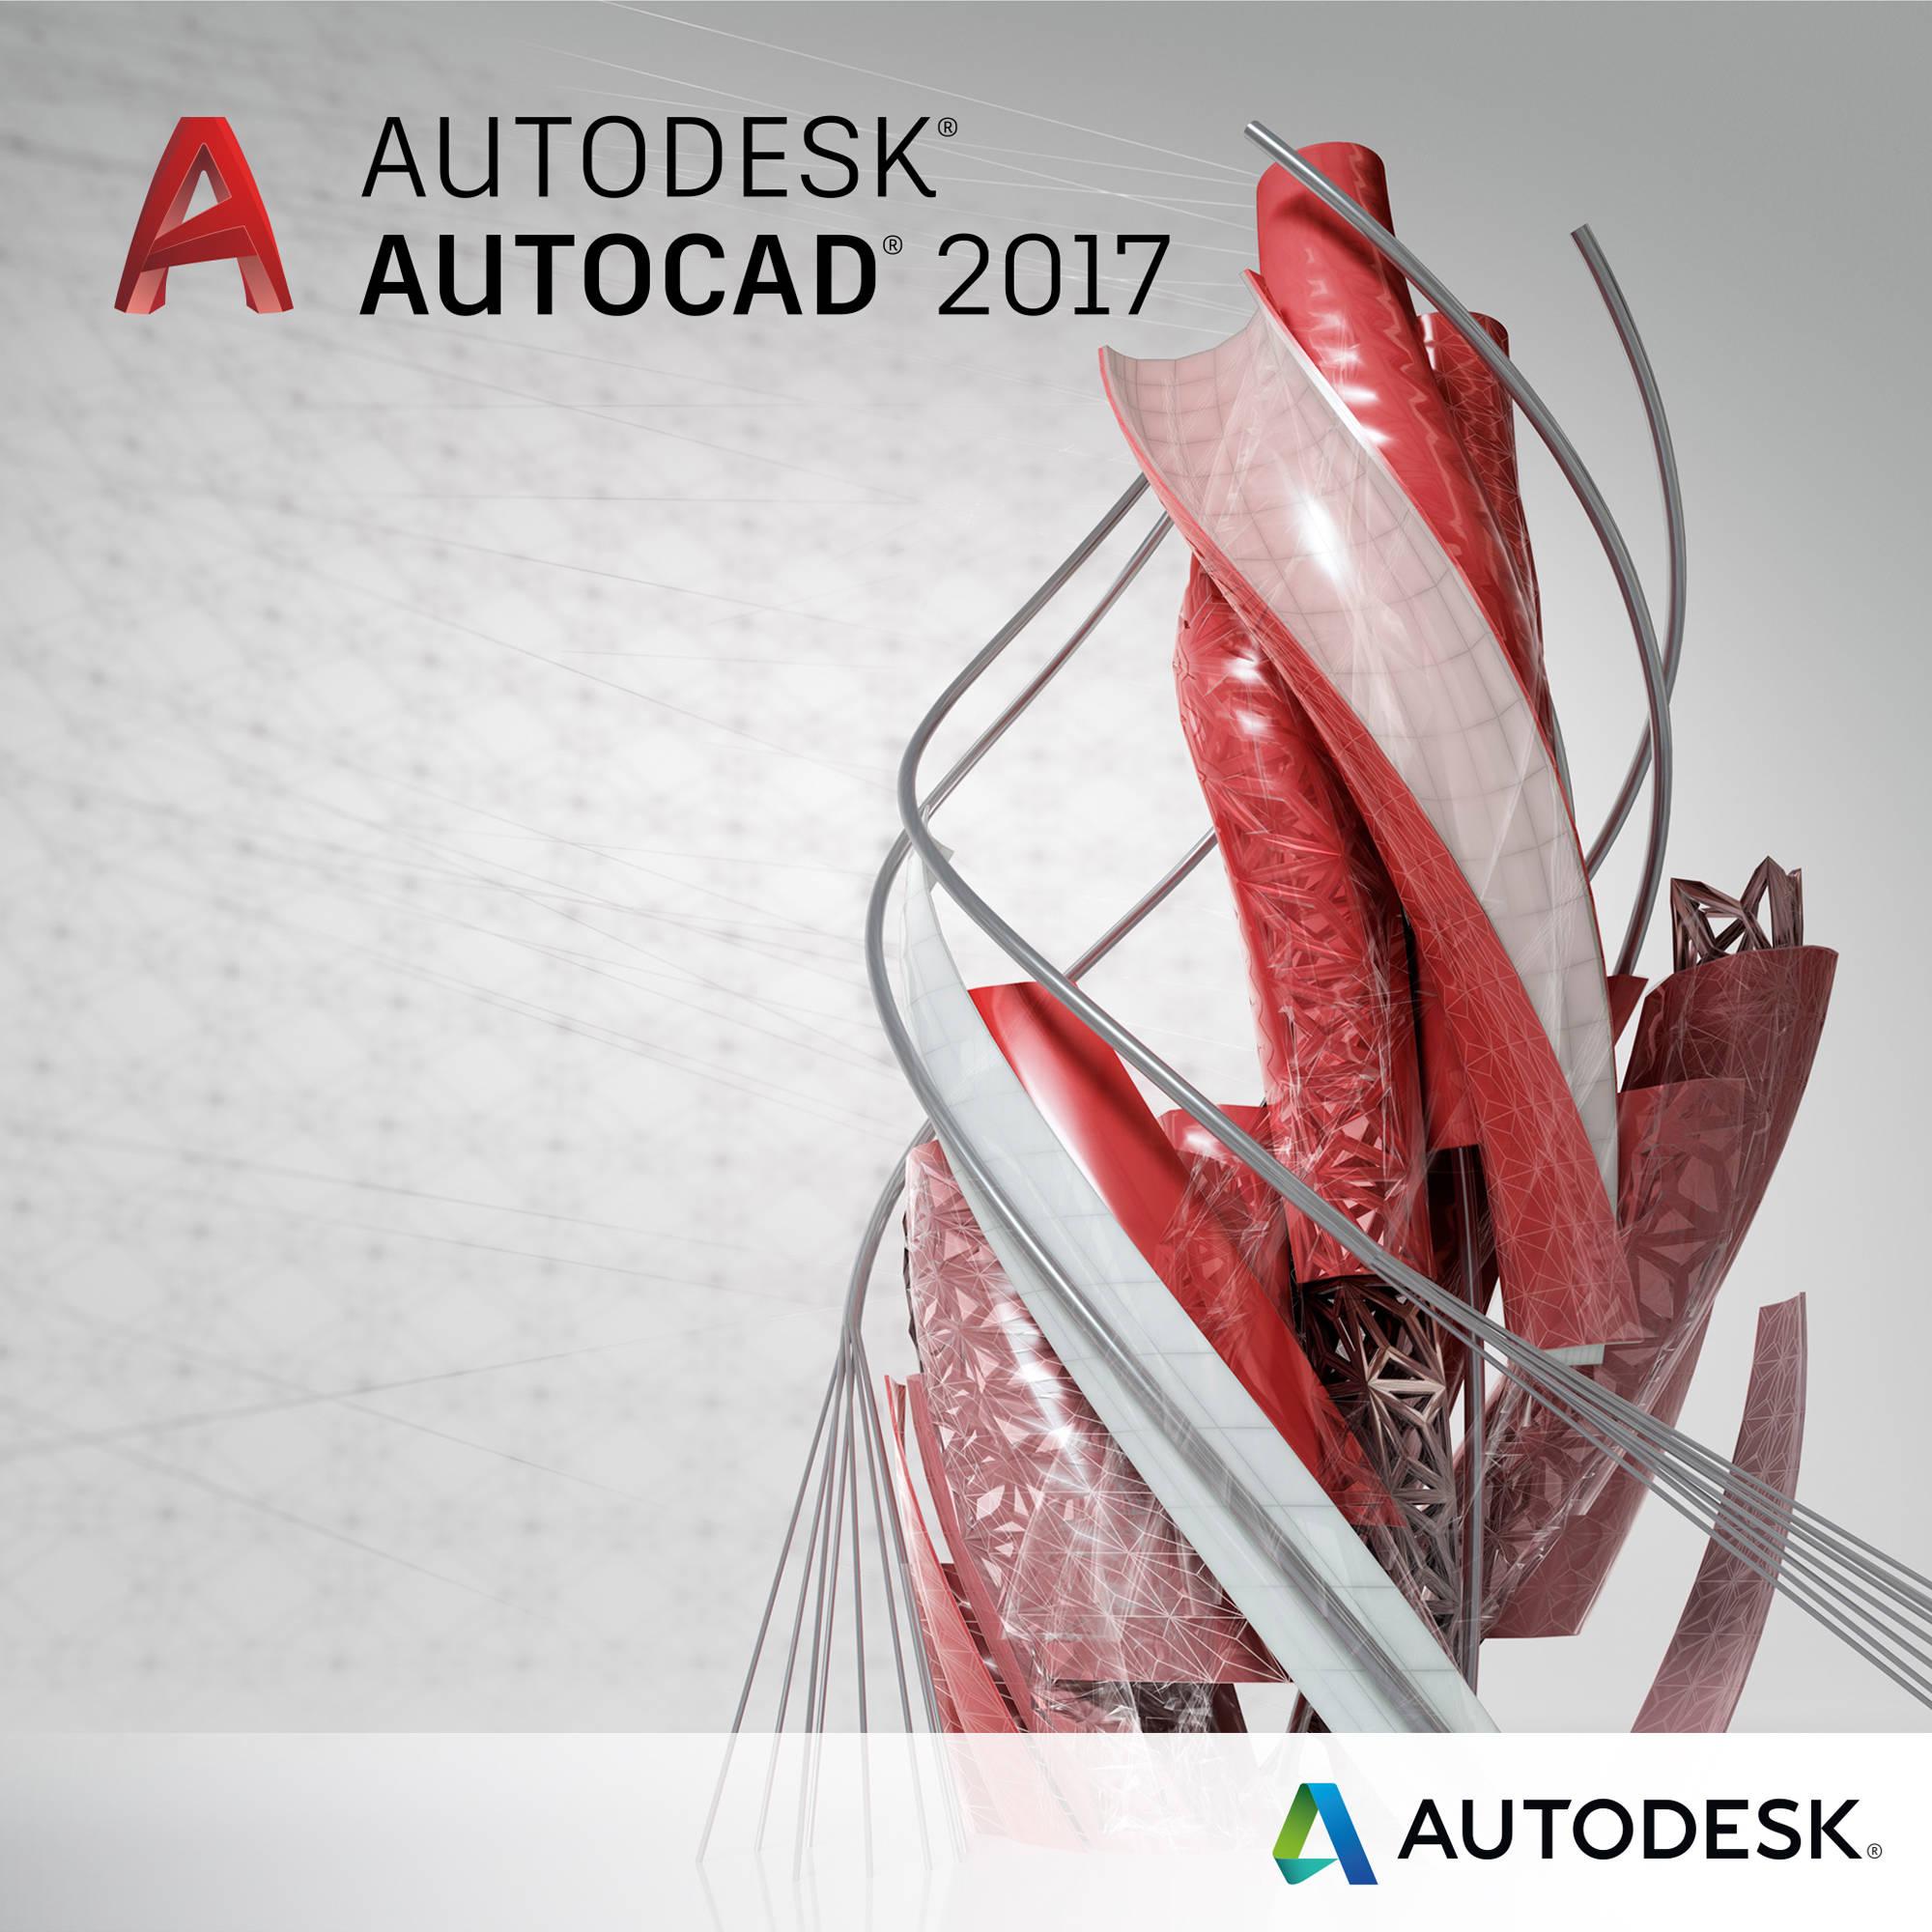 [Fshare] Download Autocad 2017 Full 64Bit - Trung tâm ArcLine